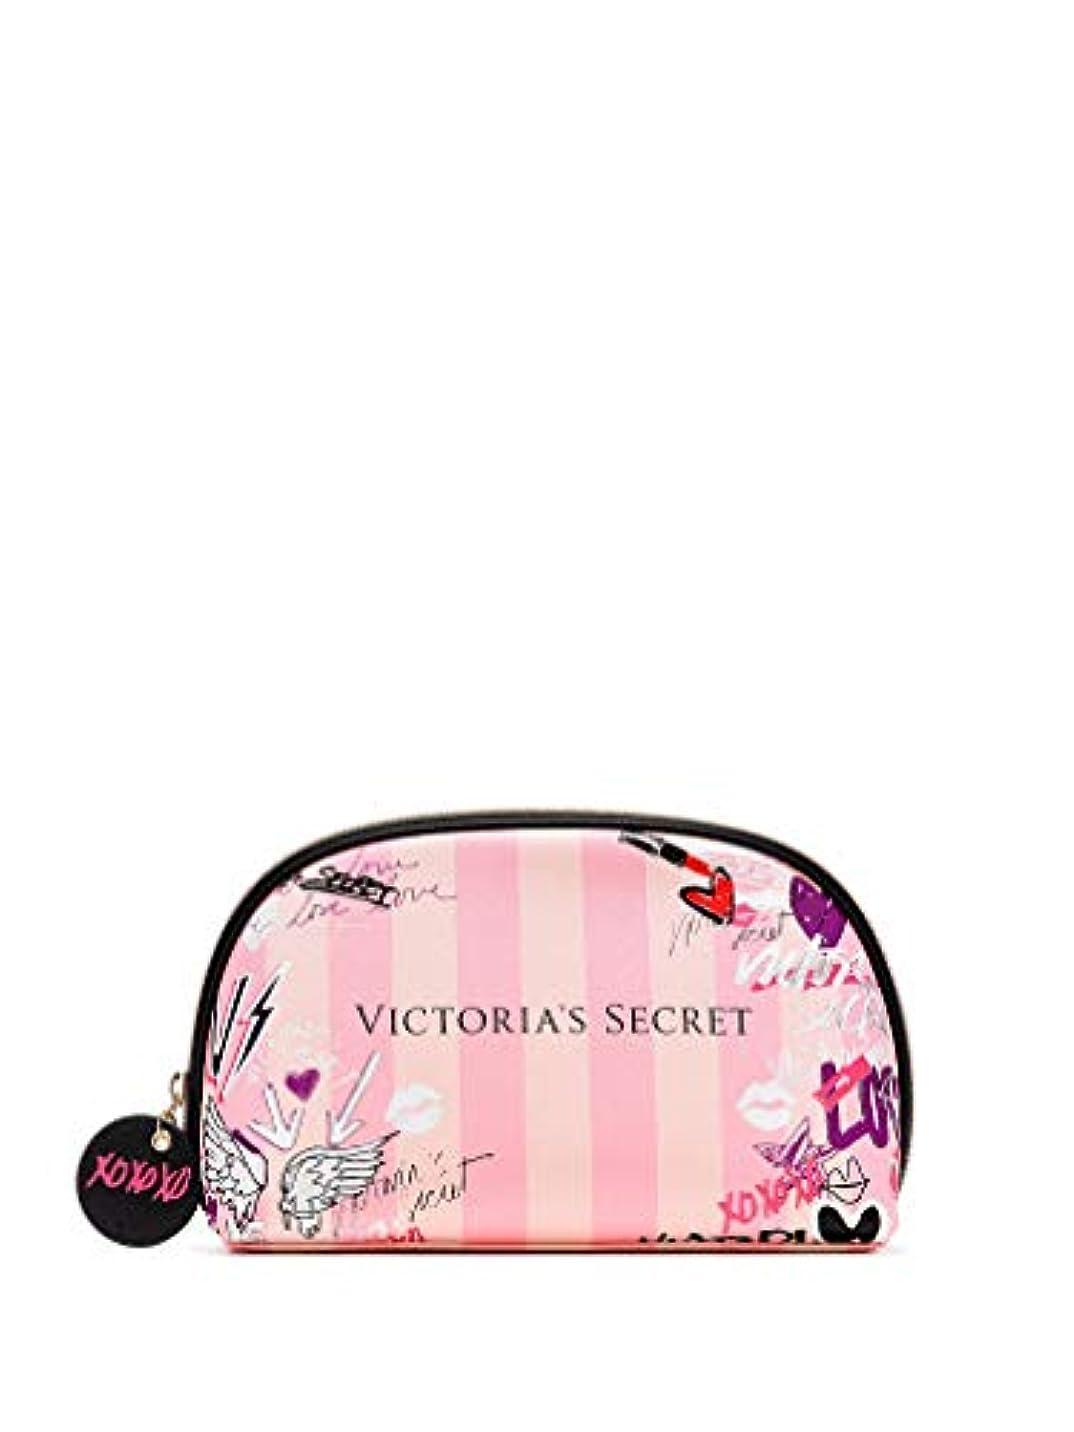 シャンパン月曜日お酢【 メイクアップバッグ 】 VICTORIA'S SECRET ヴィクトリアシークレット/ビクトリアシークレット グラフィティグラムバッグ/Graffiti Glam Bag [並行輸入品]